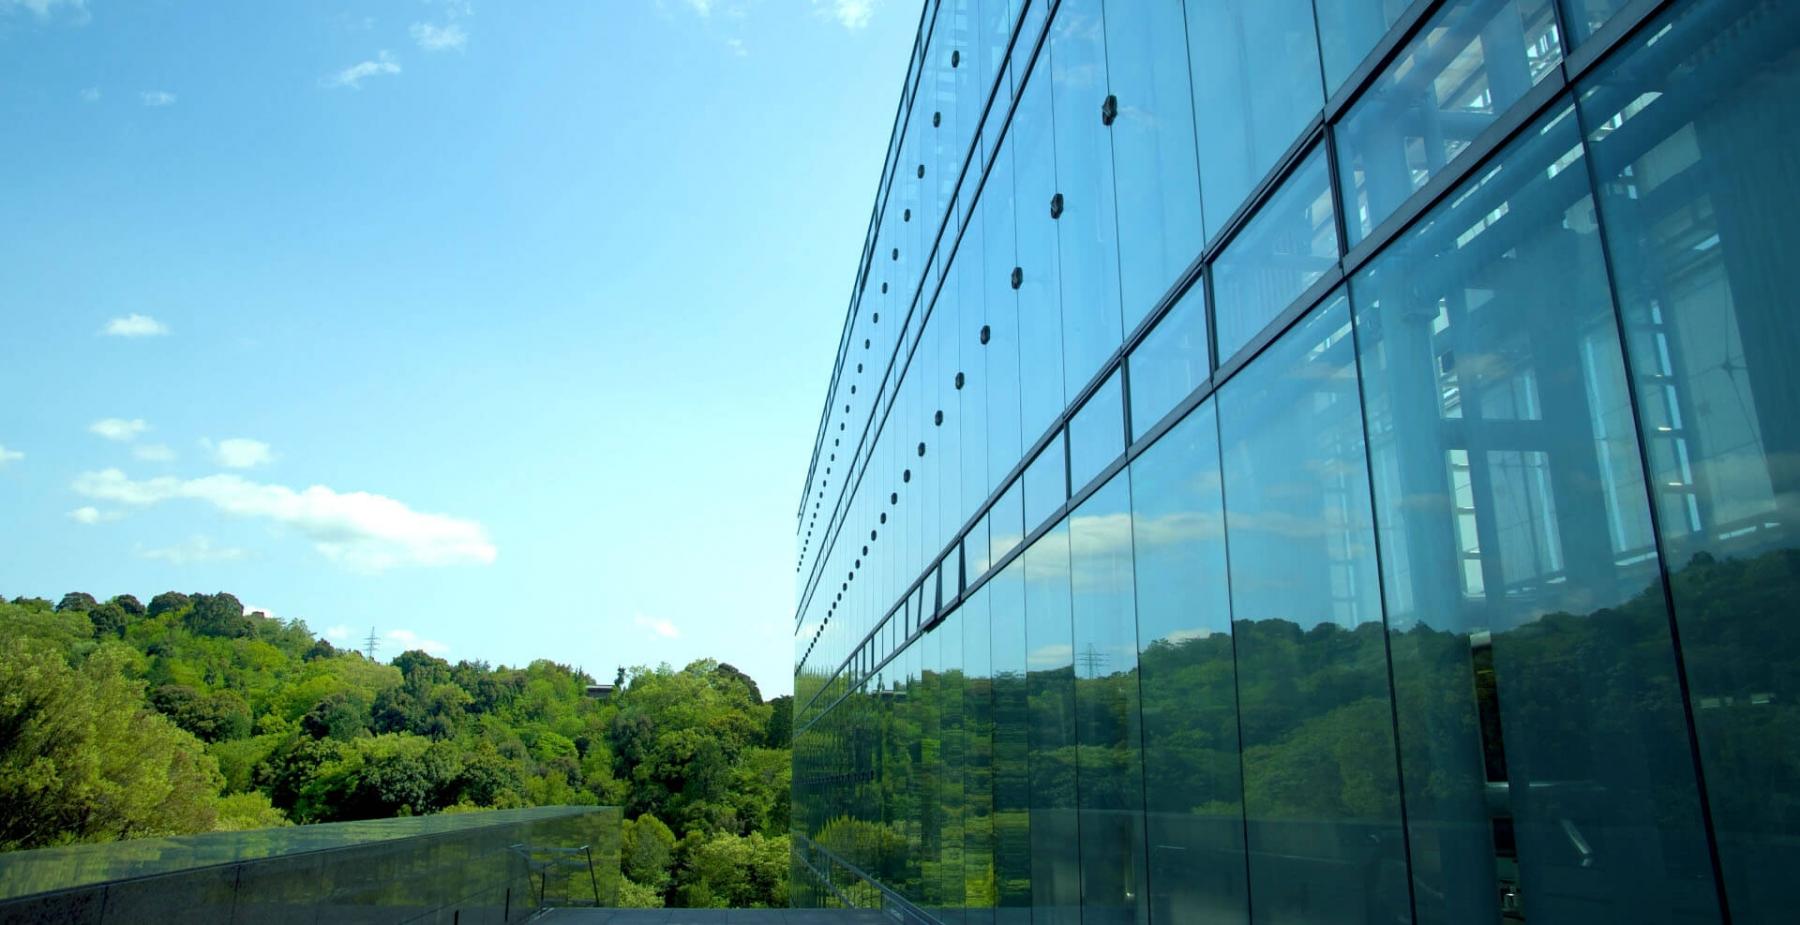 2015夏開催!福岡周辺の展示・イベントまとめ